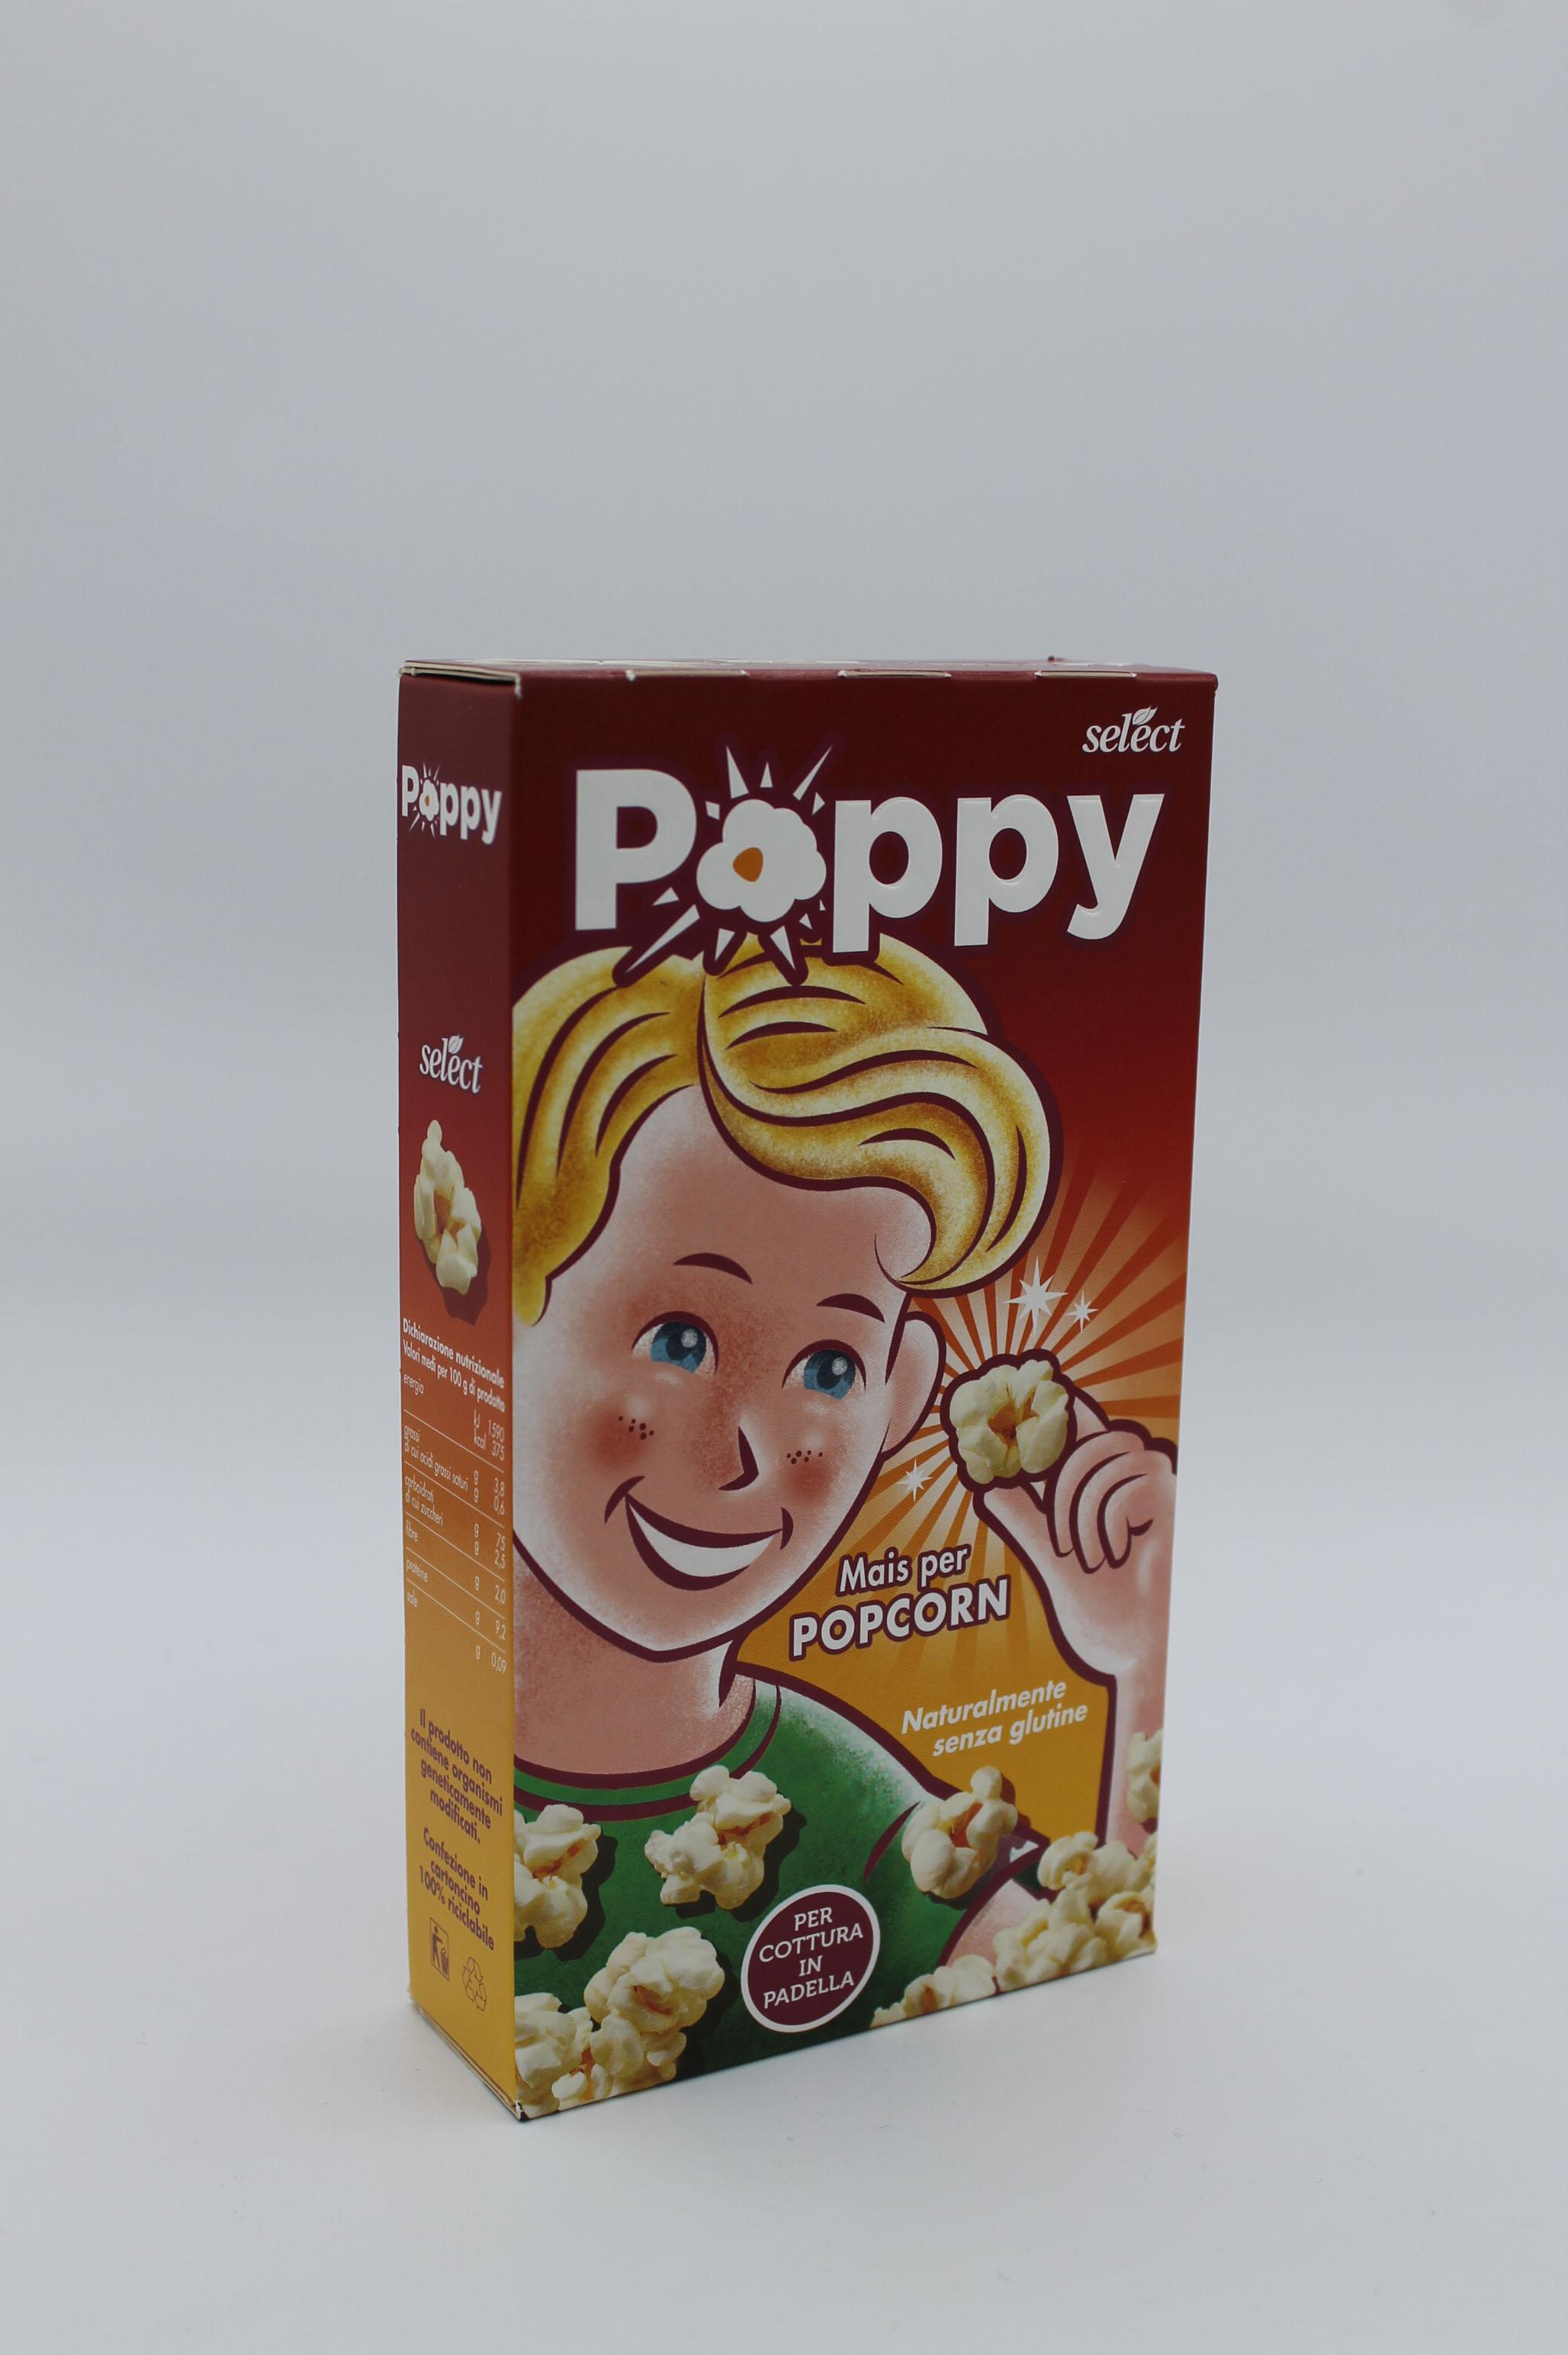 Select mais per pop corn 250gr.